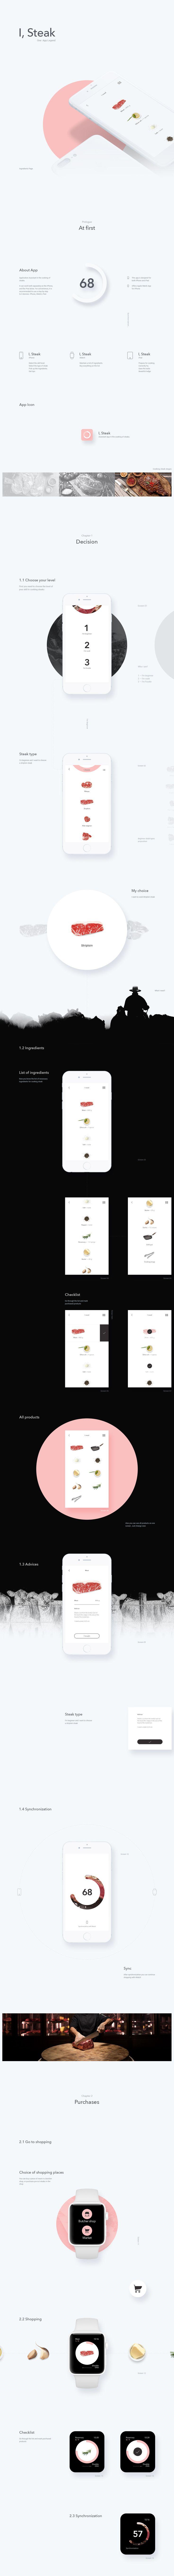 I, Steak App, Сайт © АлексейЮрков